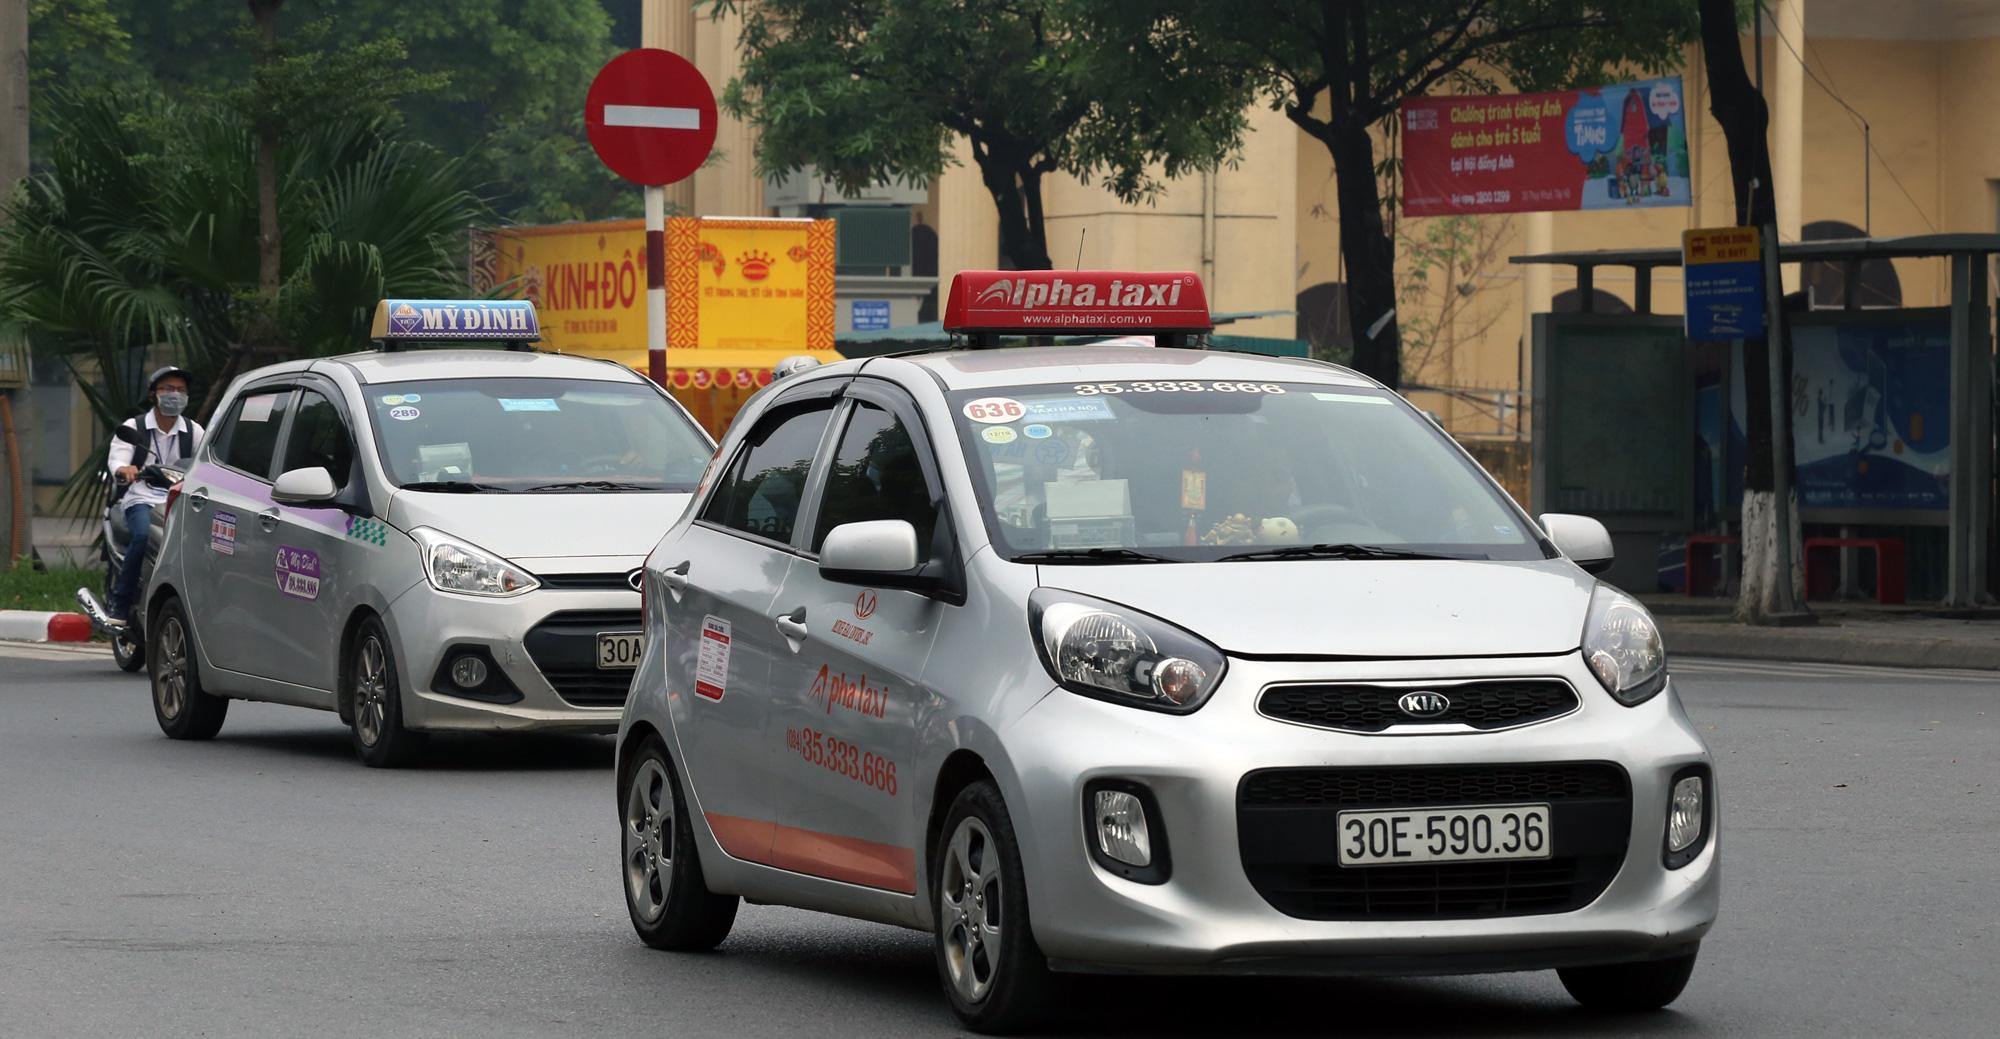 Taxi được vận chuyển hành khách ở ga Hà Nội, sân bay Nội Bài có điều kiện - Ảnh 1.